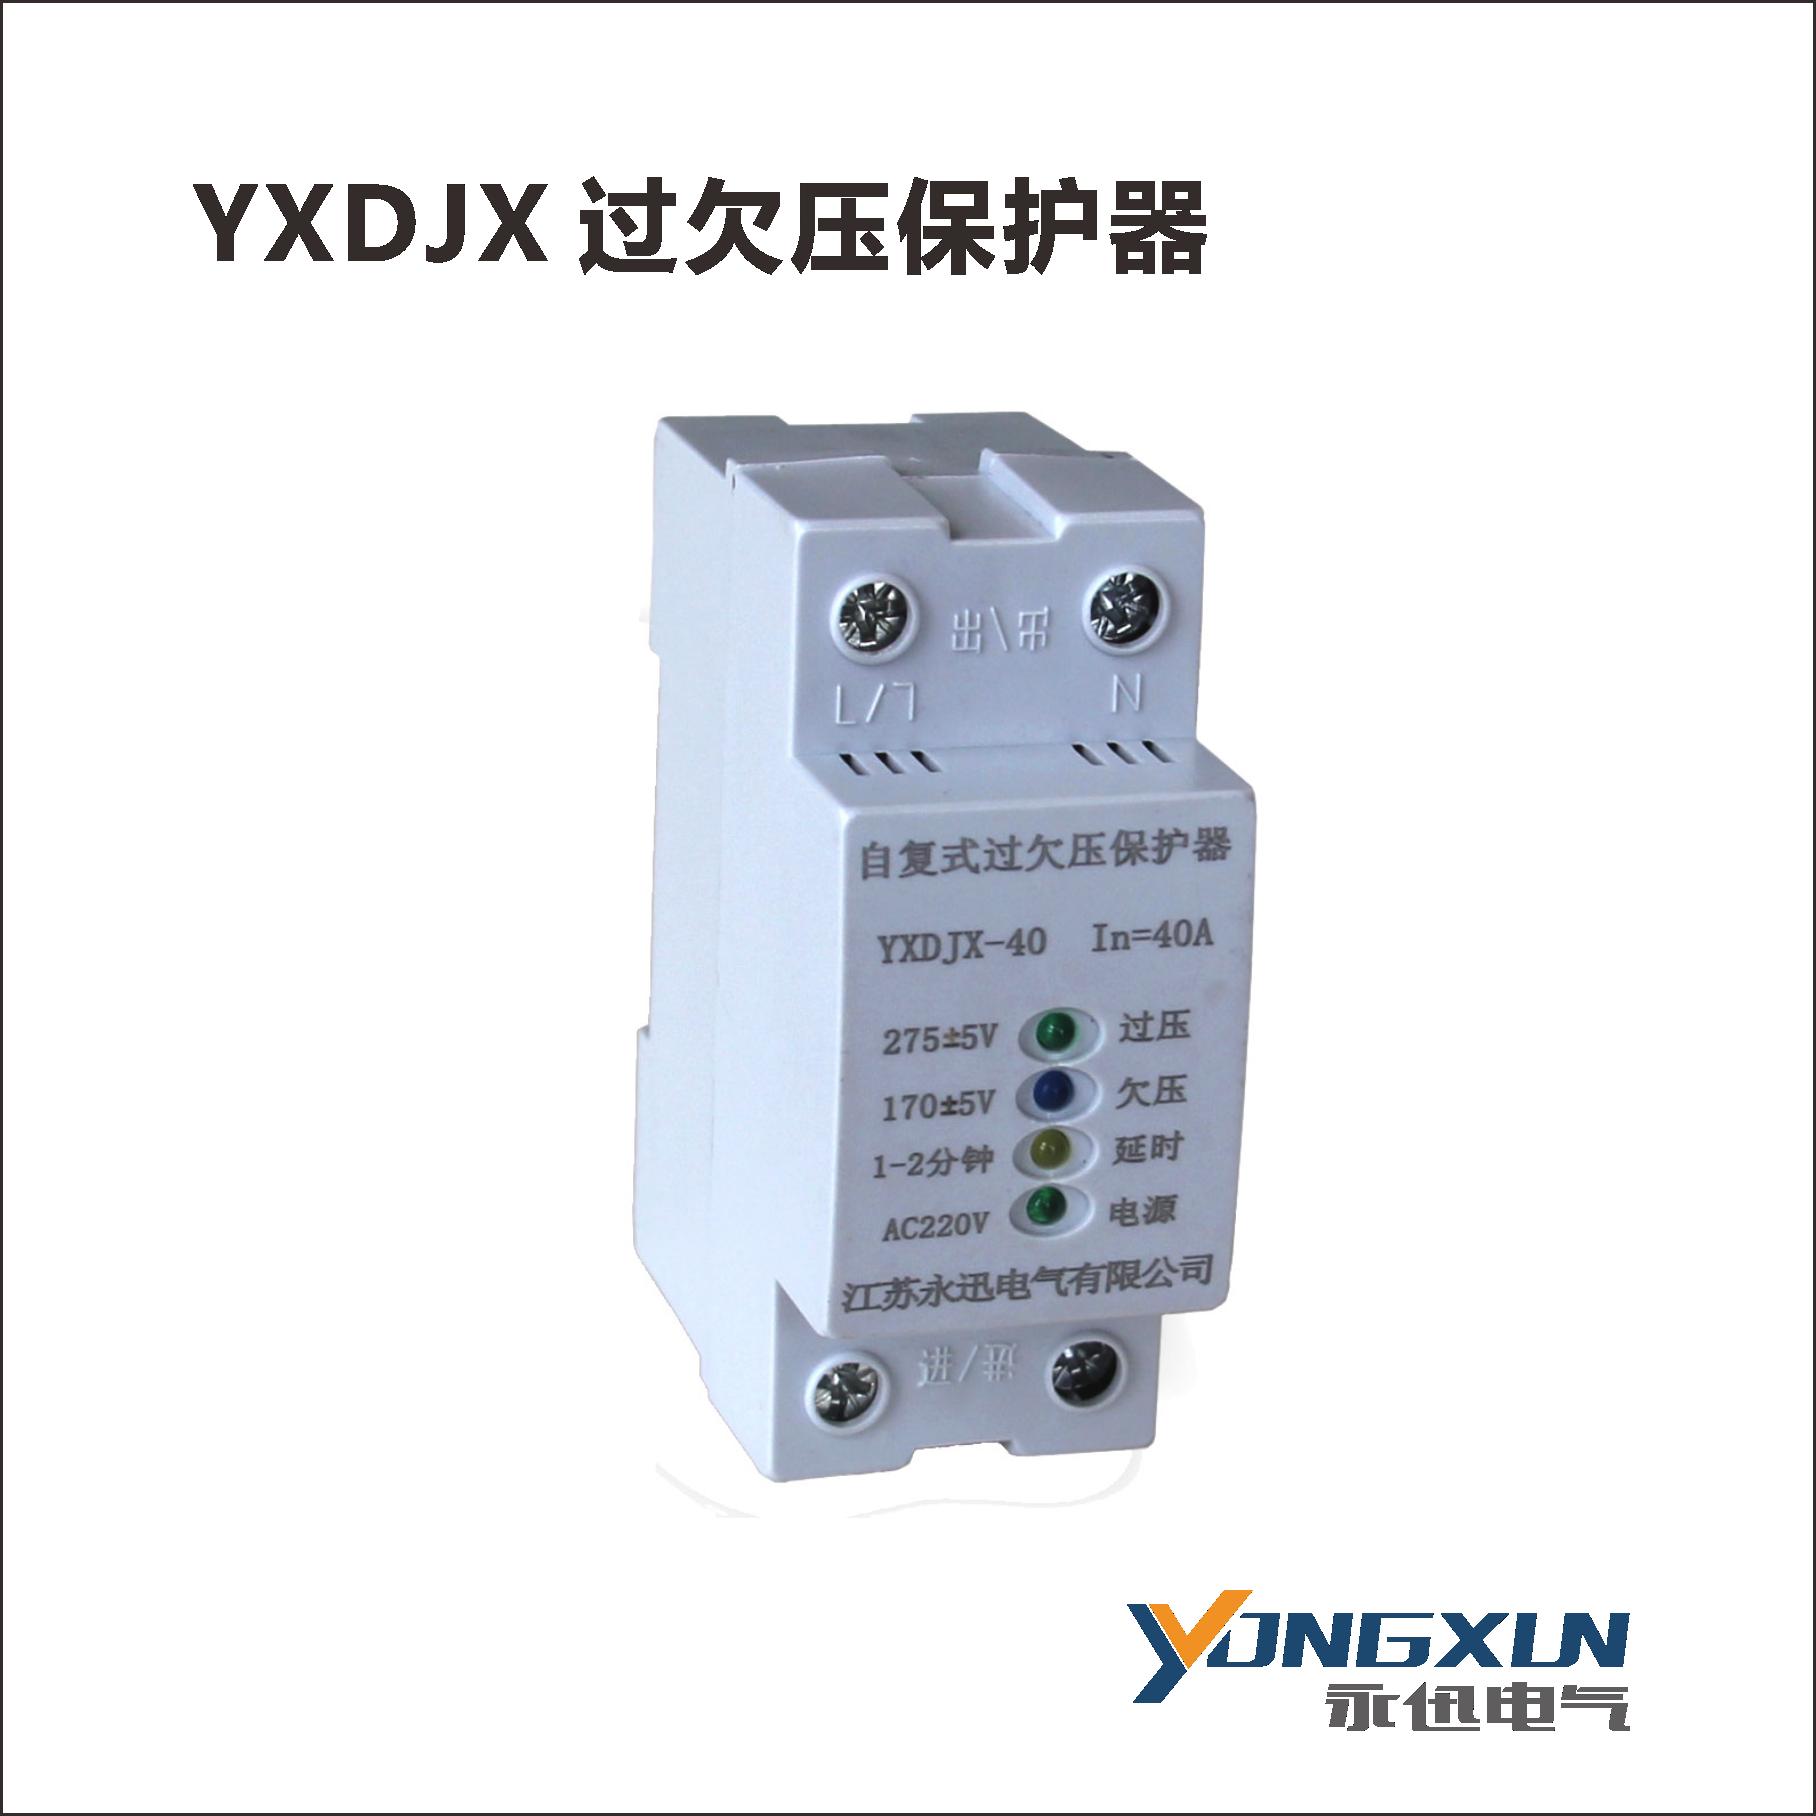 YXDJX-2P系列过欠压保护器